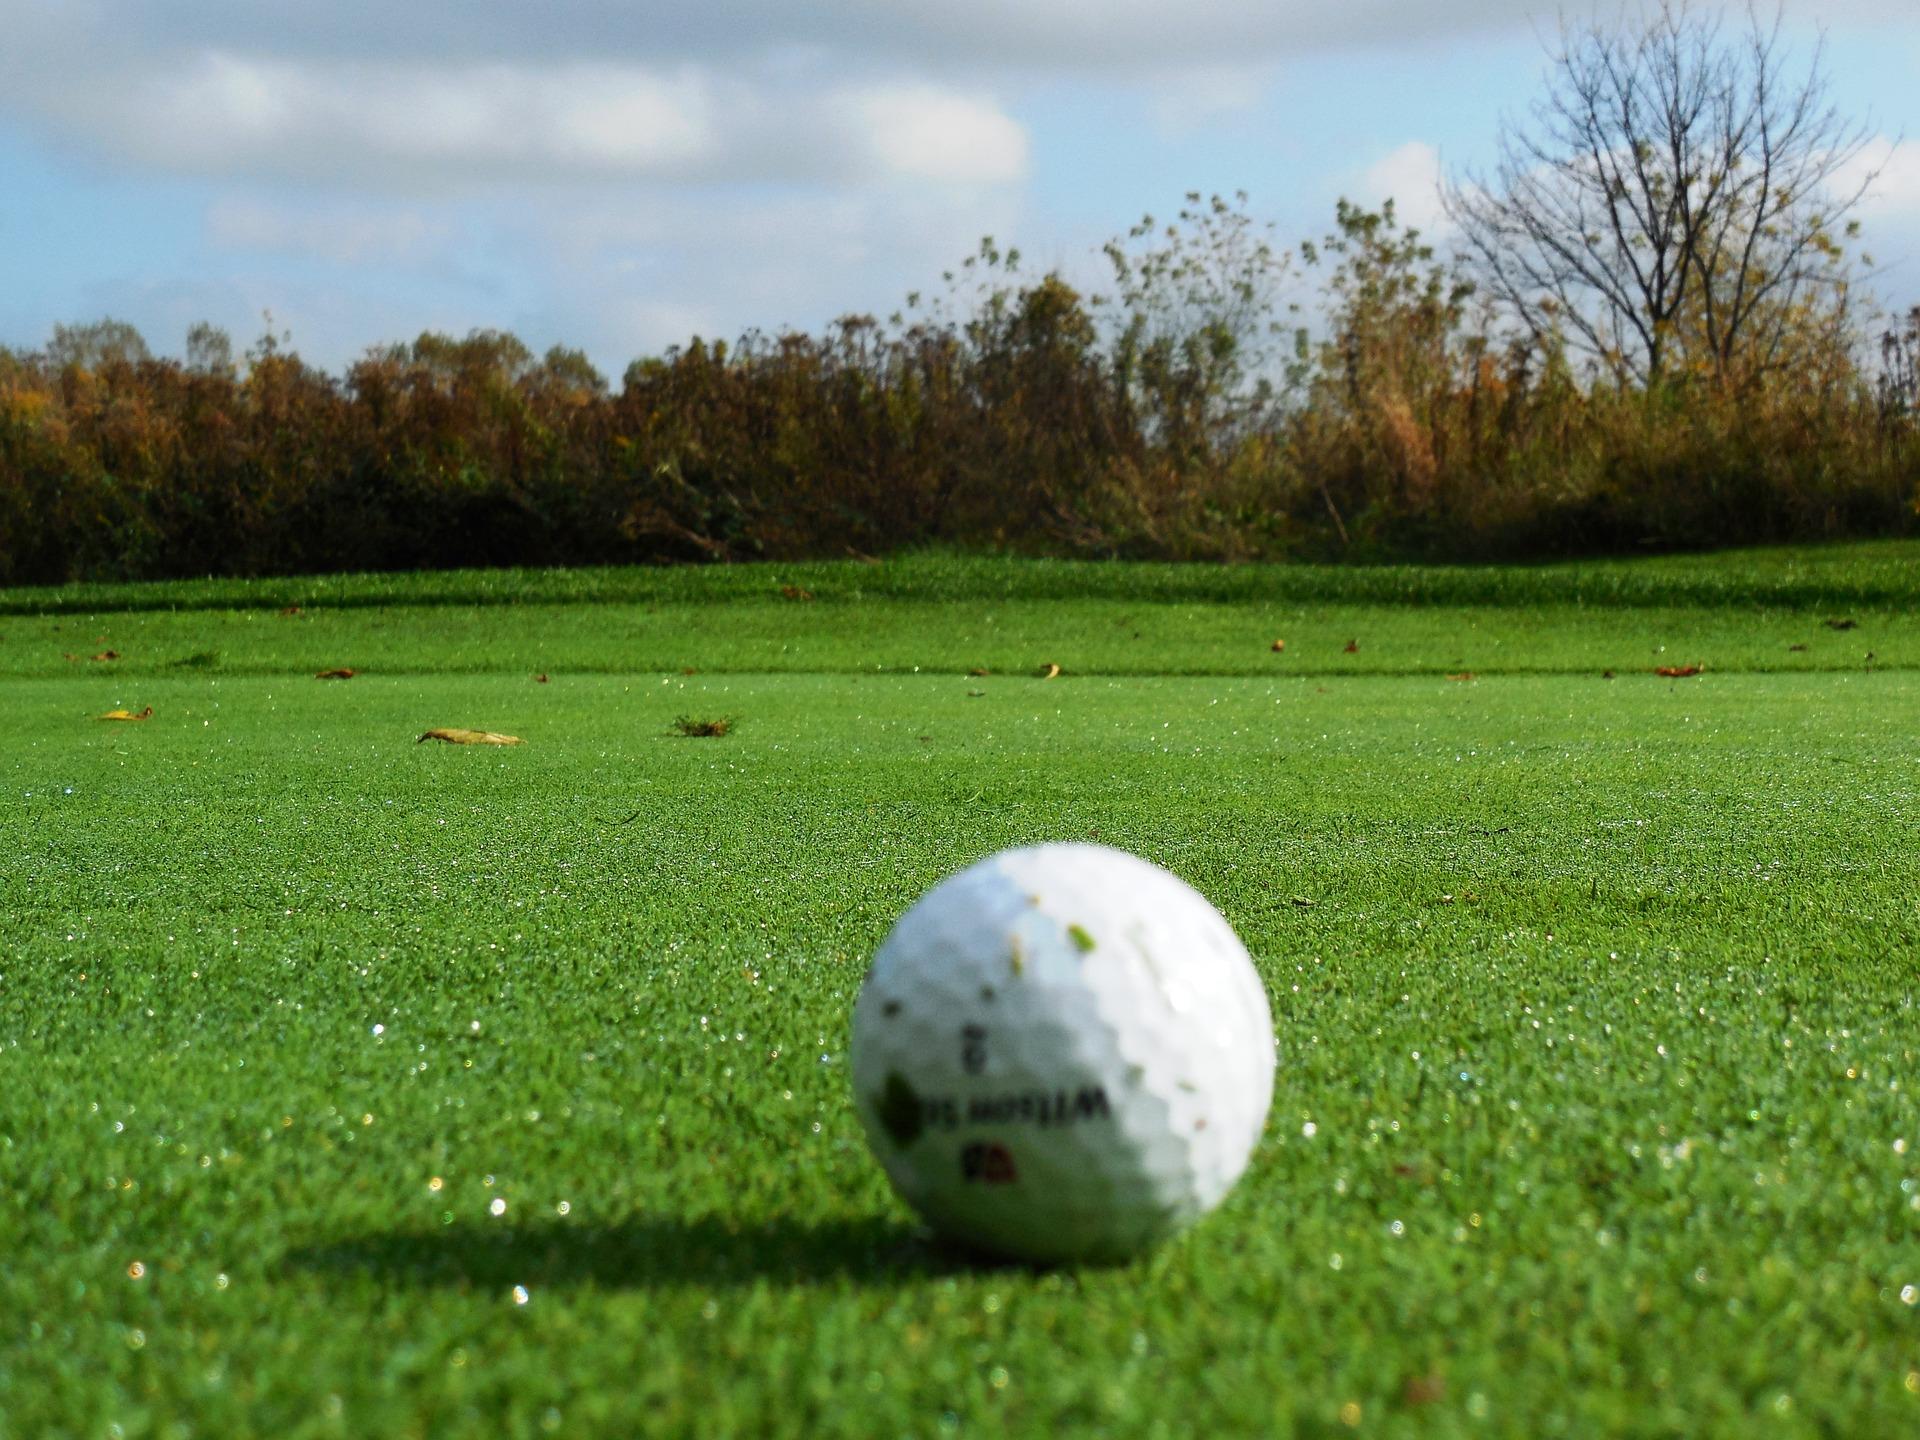 ゴルフ場で活躍する無線